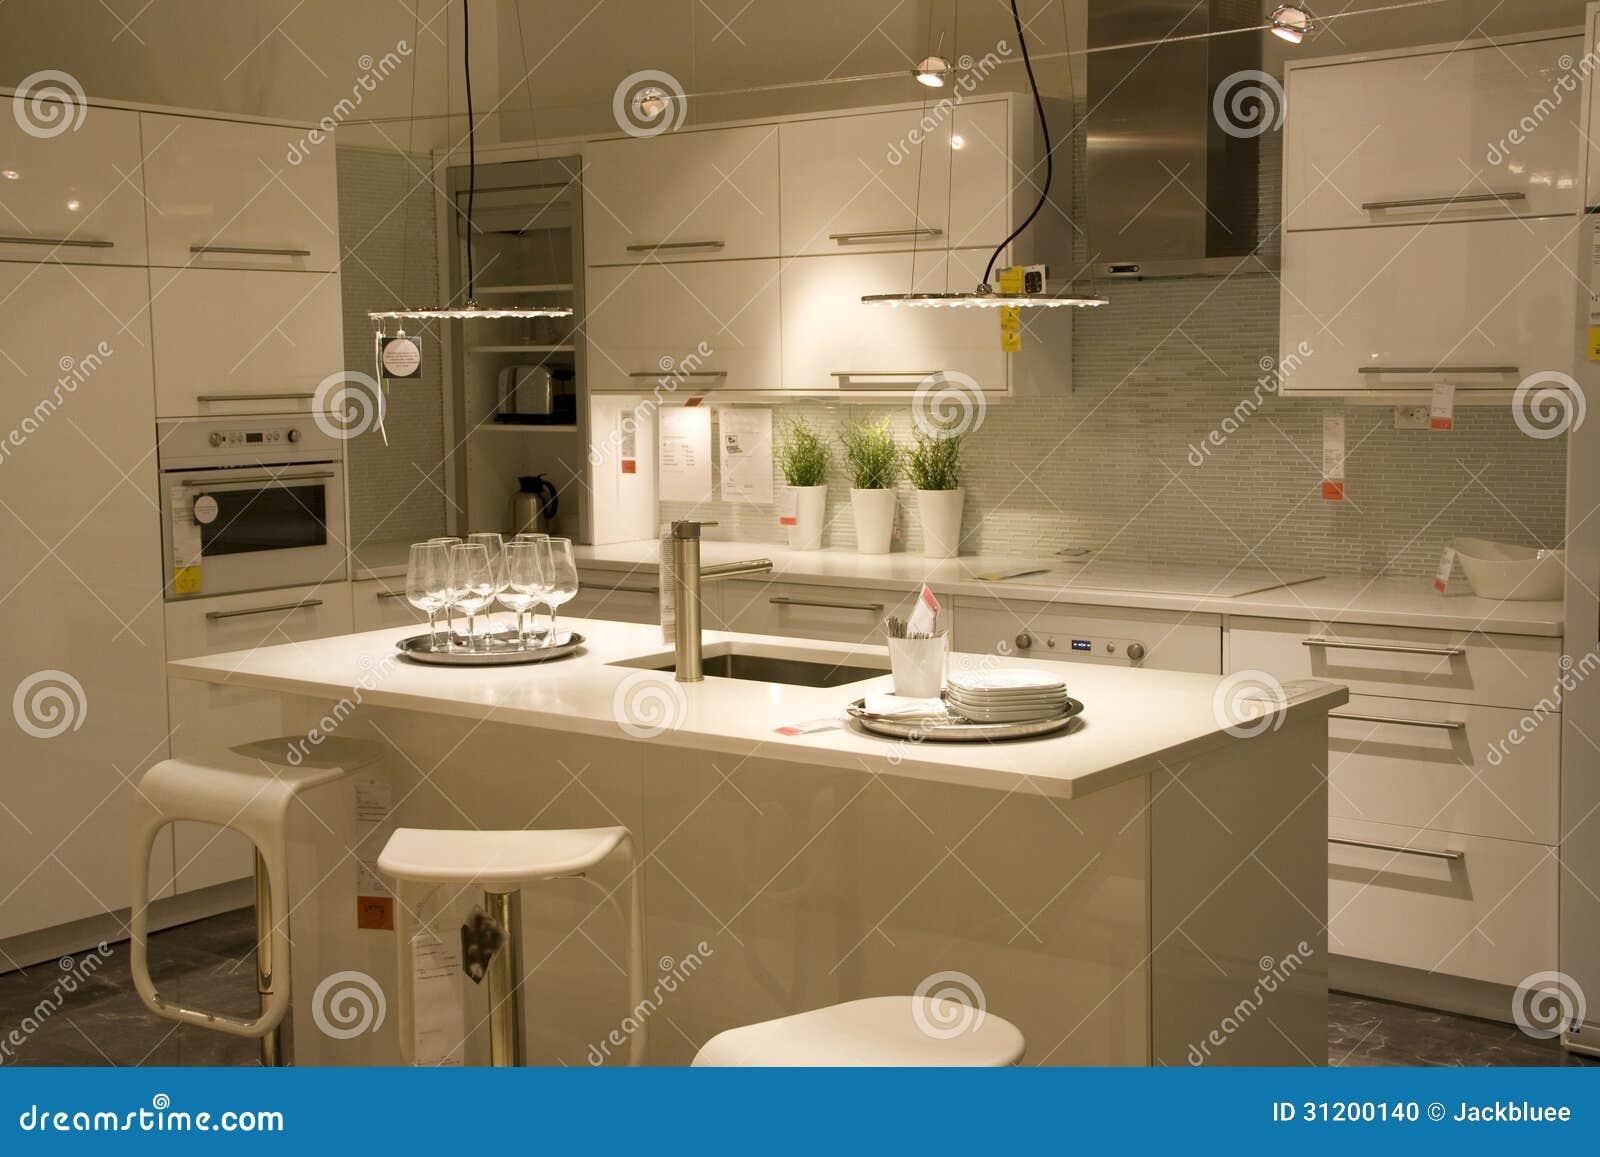 Dise o de interiores moderno de la cocina foto de archivo for Decoracion interiores cocina